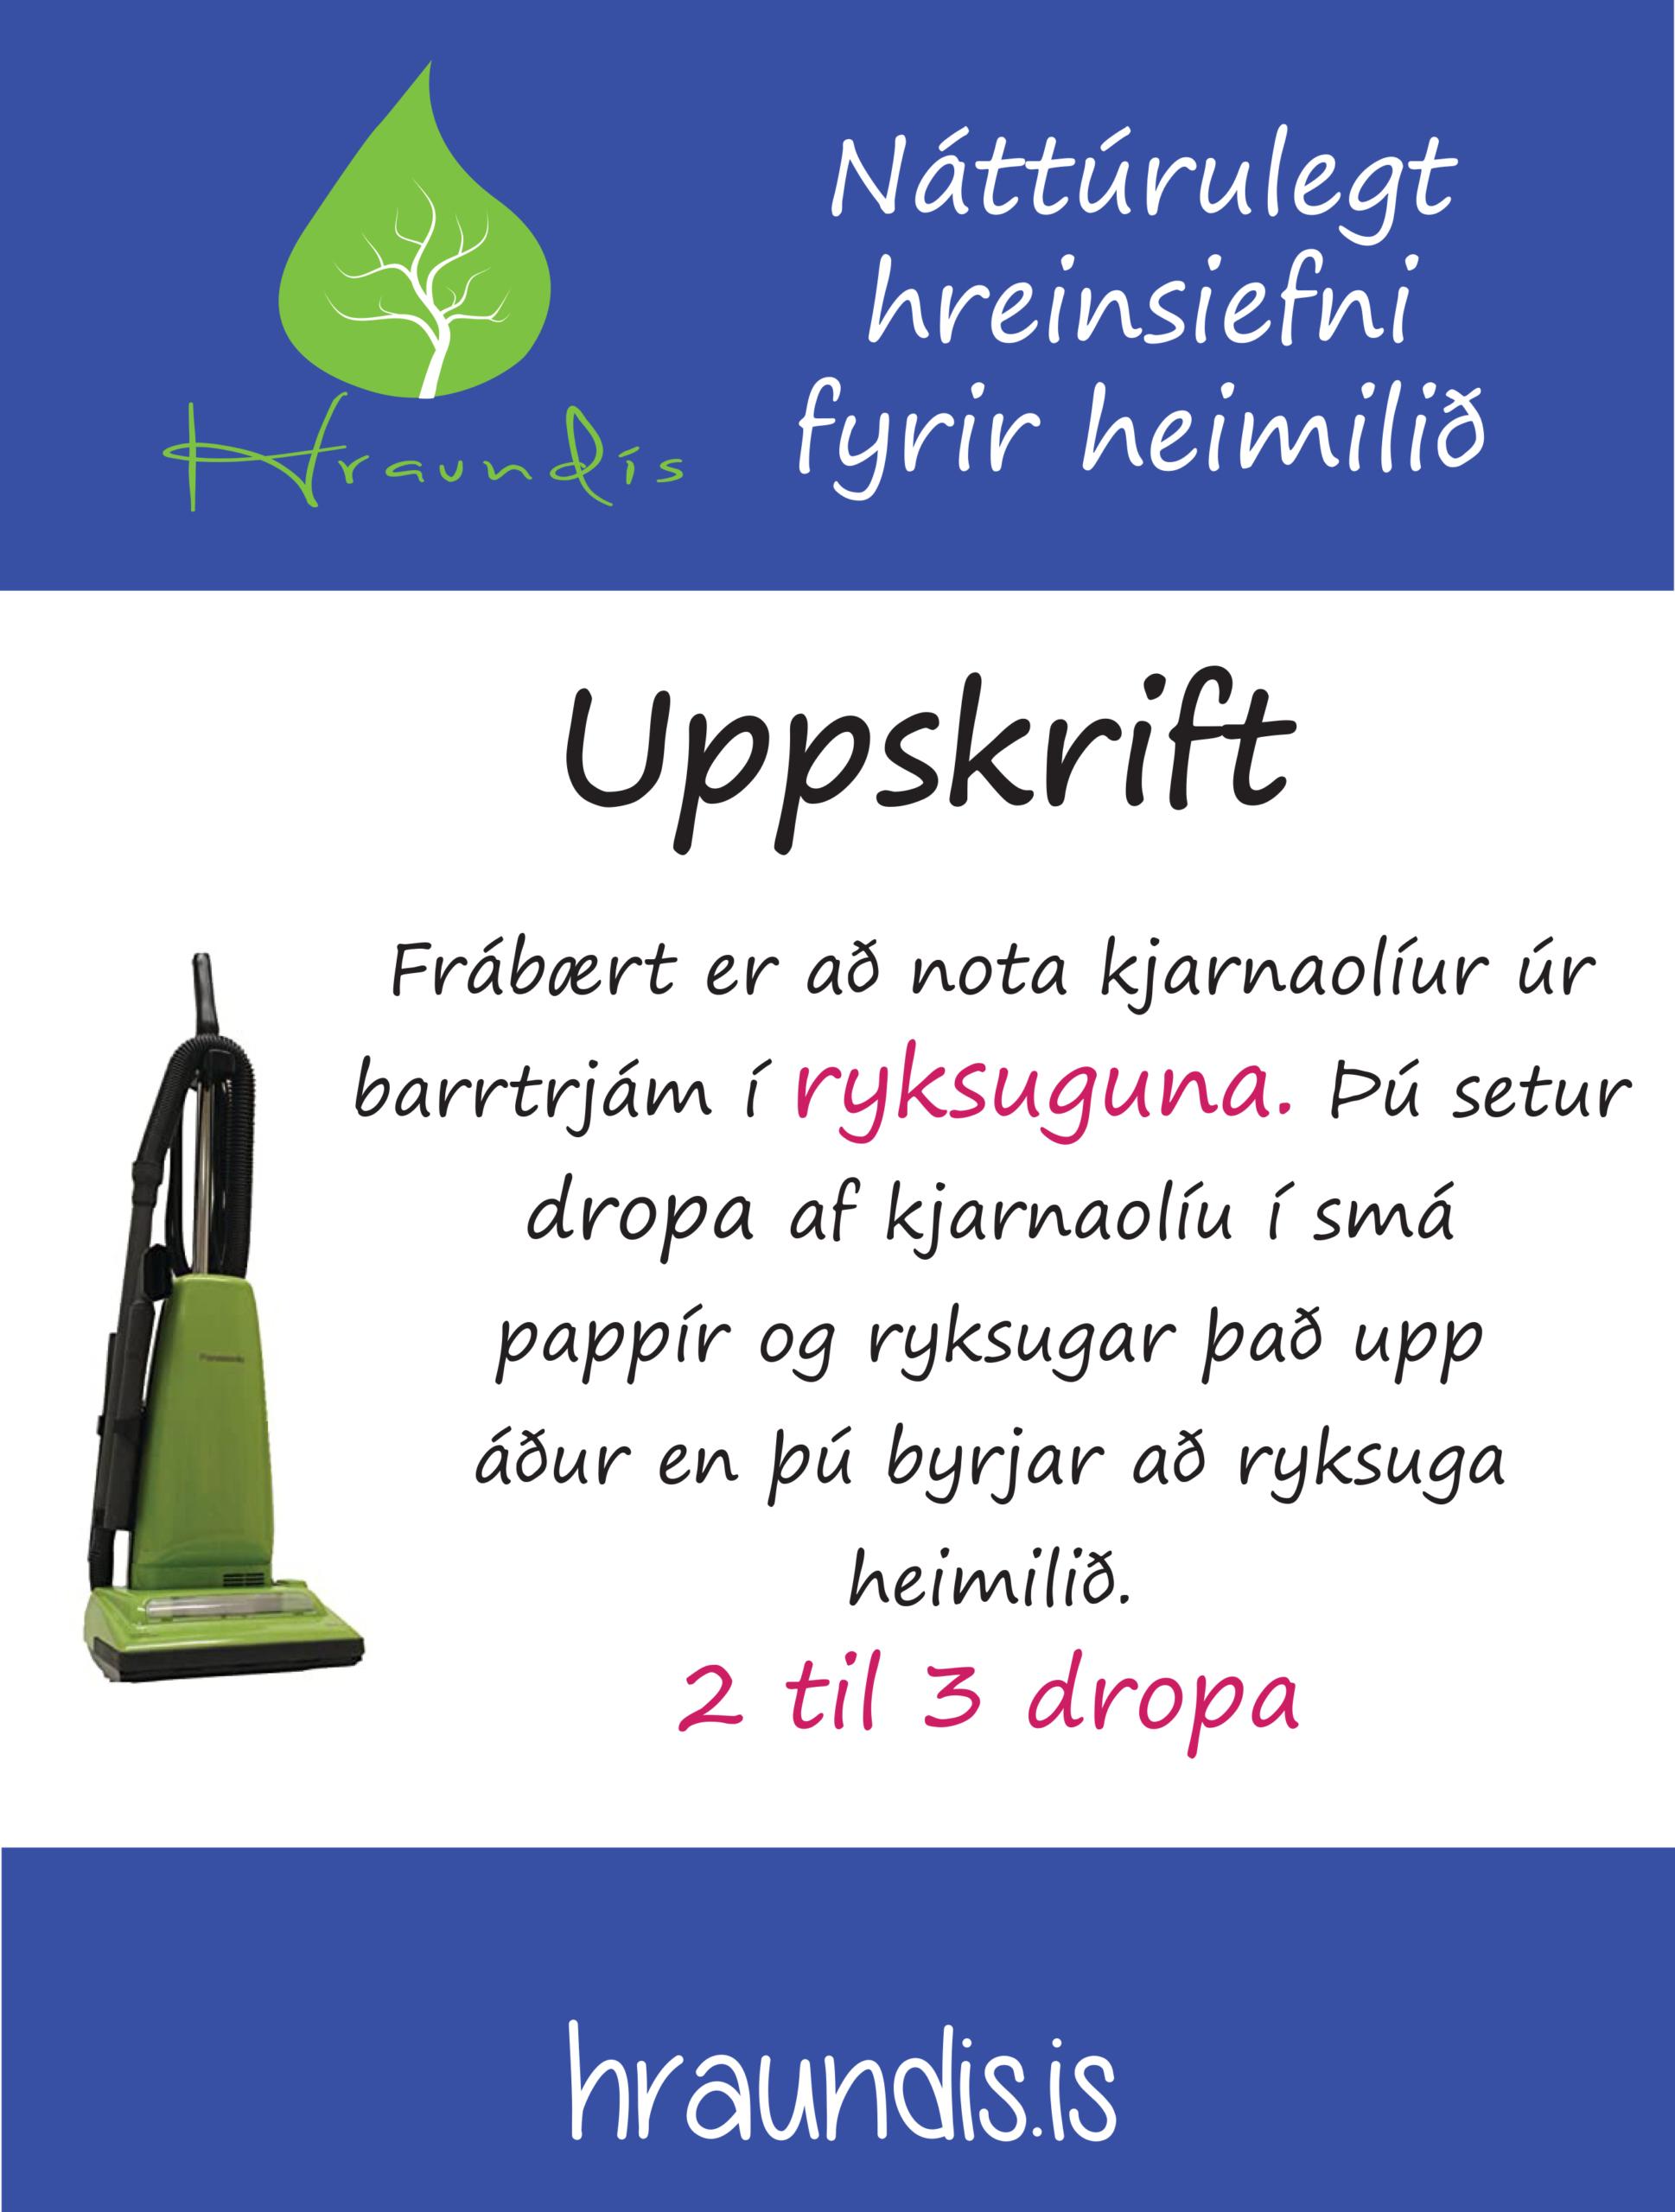 Ilmkjarnaolíur, Kjarnaolíur, nudd, essential oils, heilsan, anda, kvef, bað, verkir, bakverkir, magakveisa